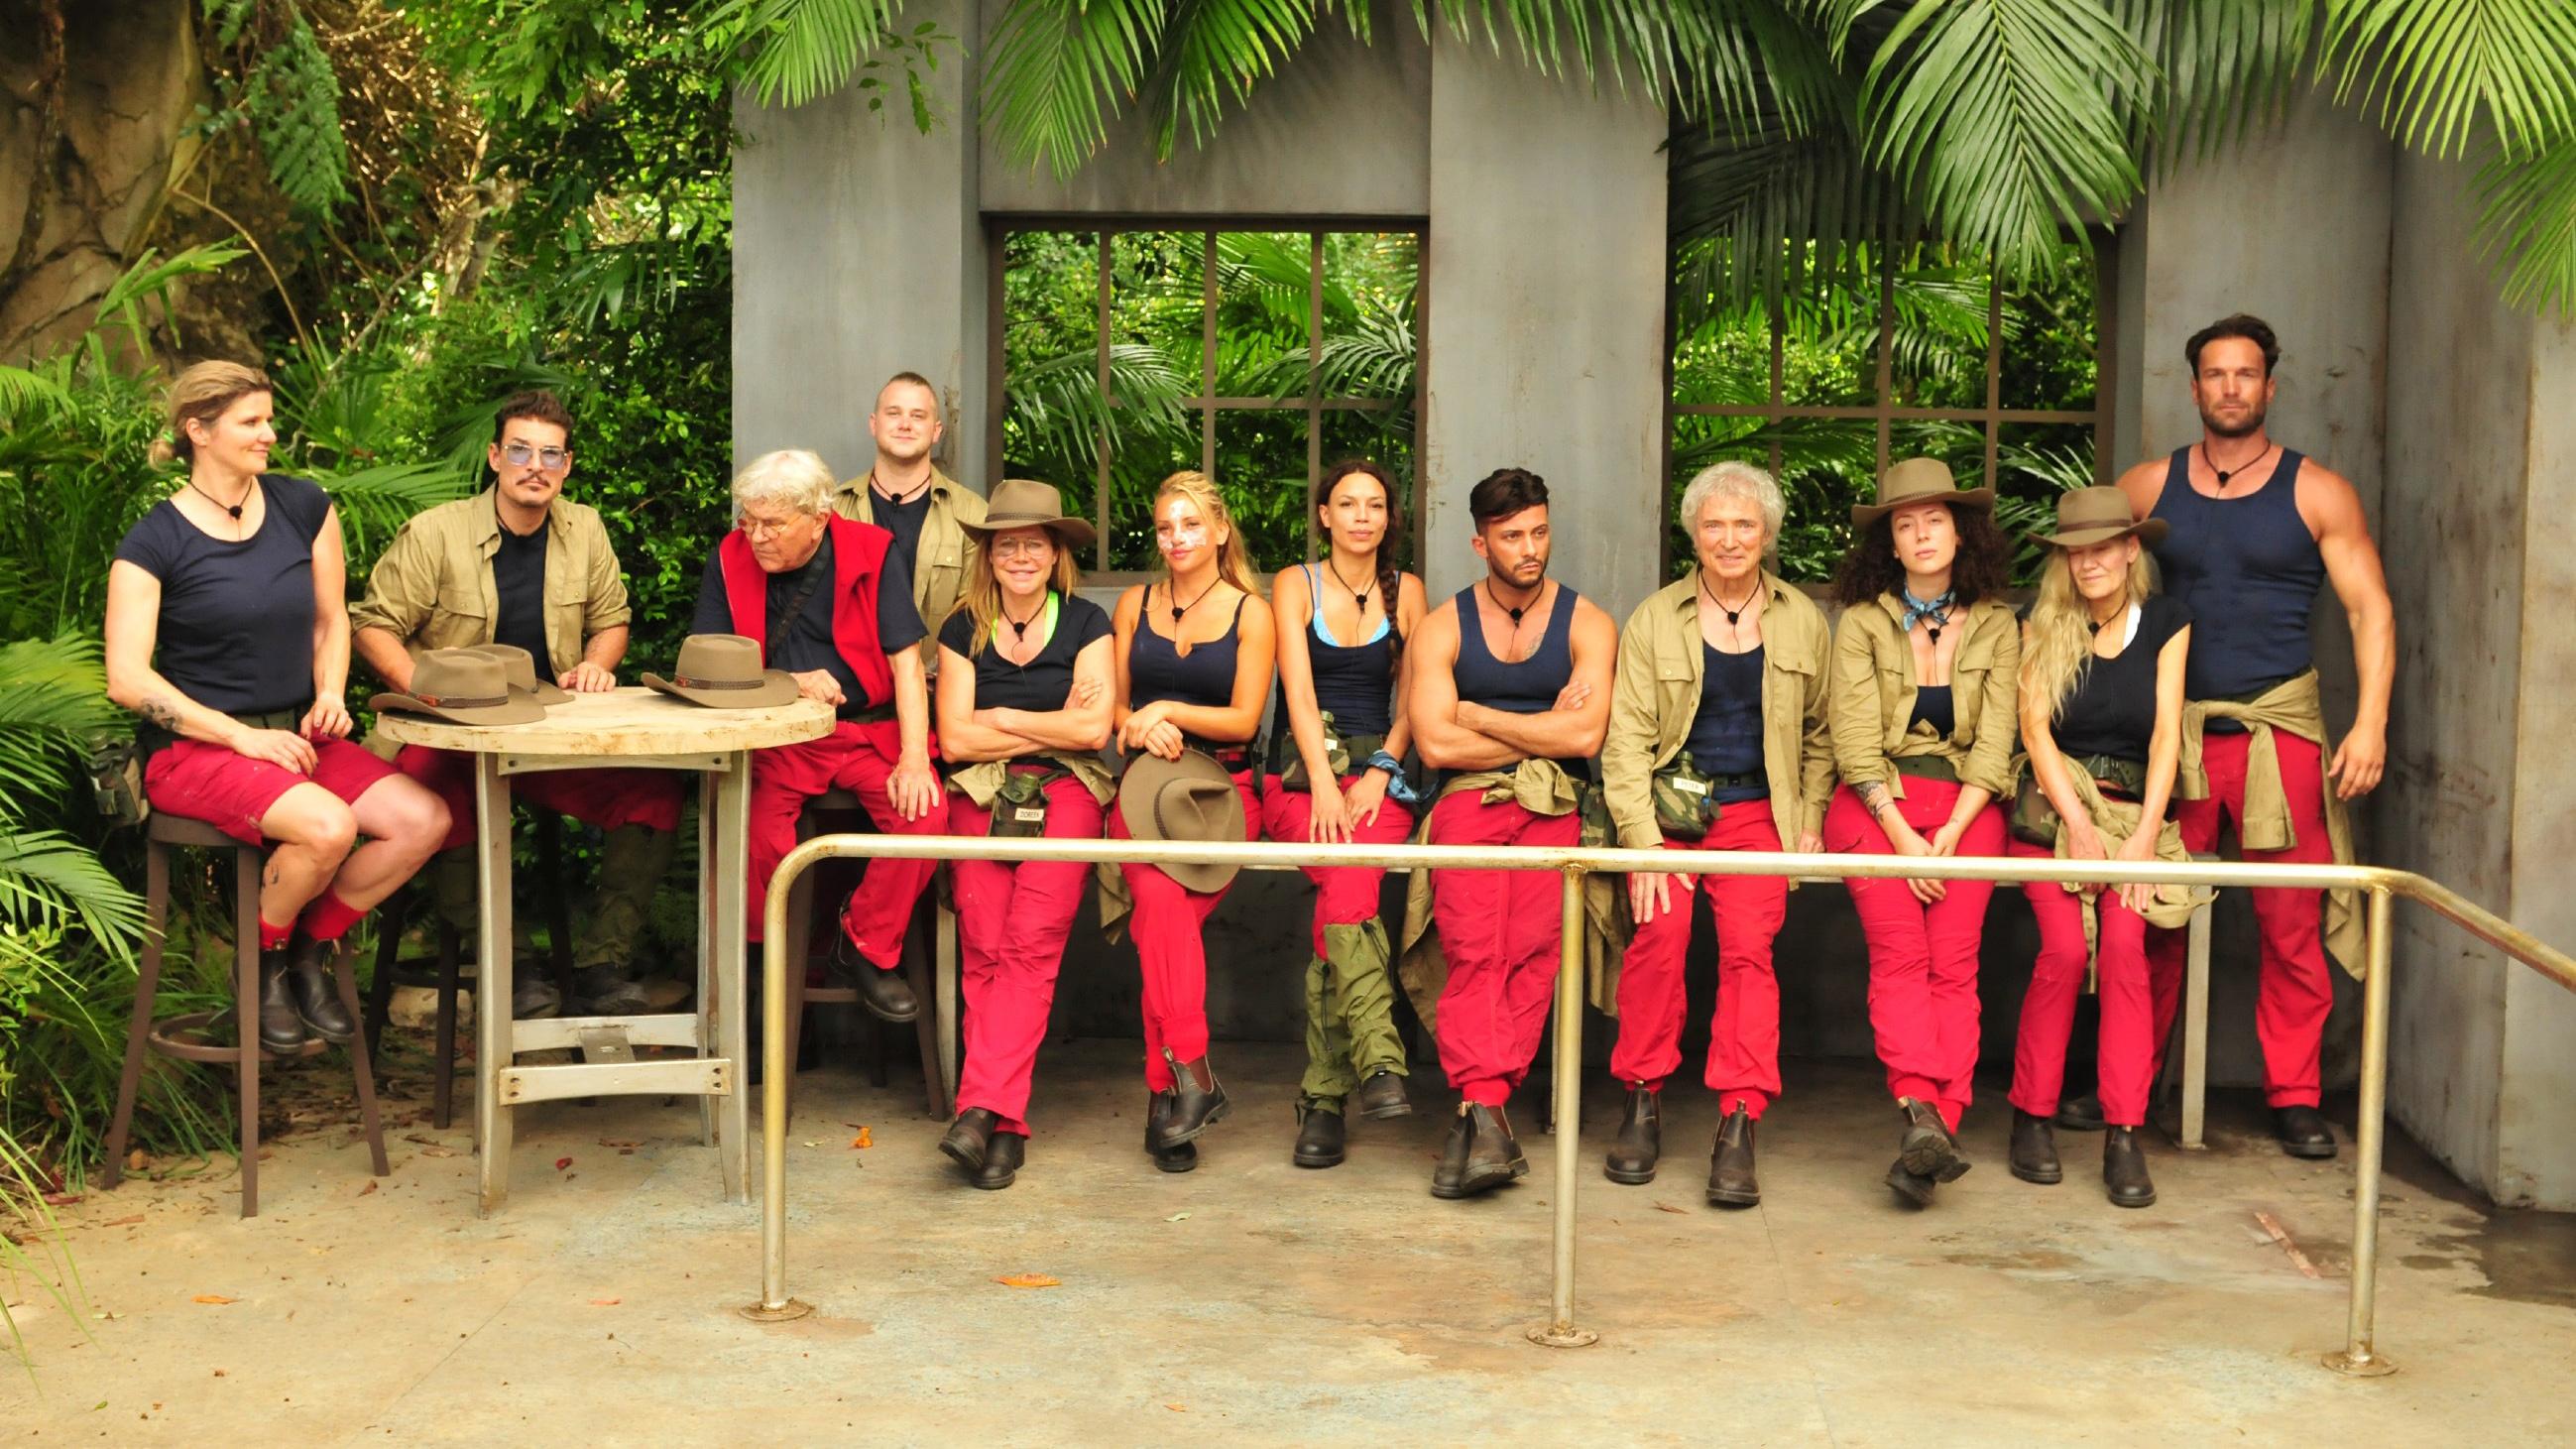 Dschungelprüfung 2019 Ergebnis Voting